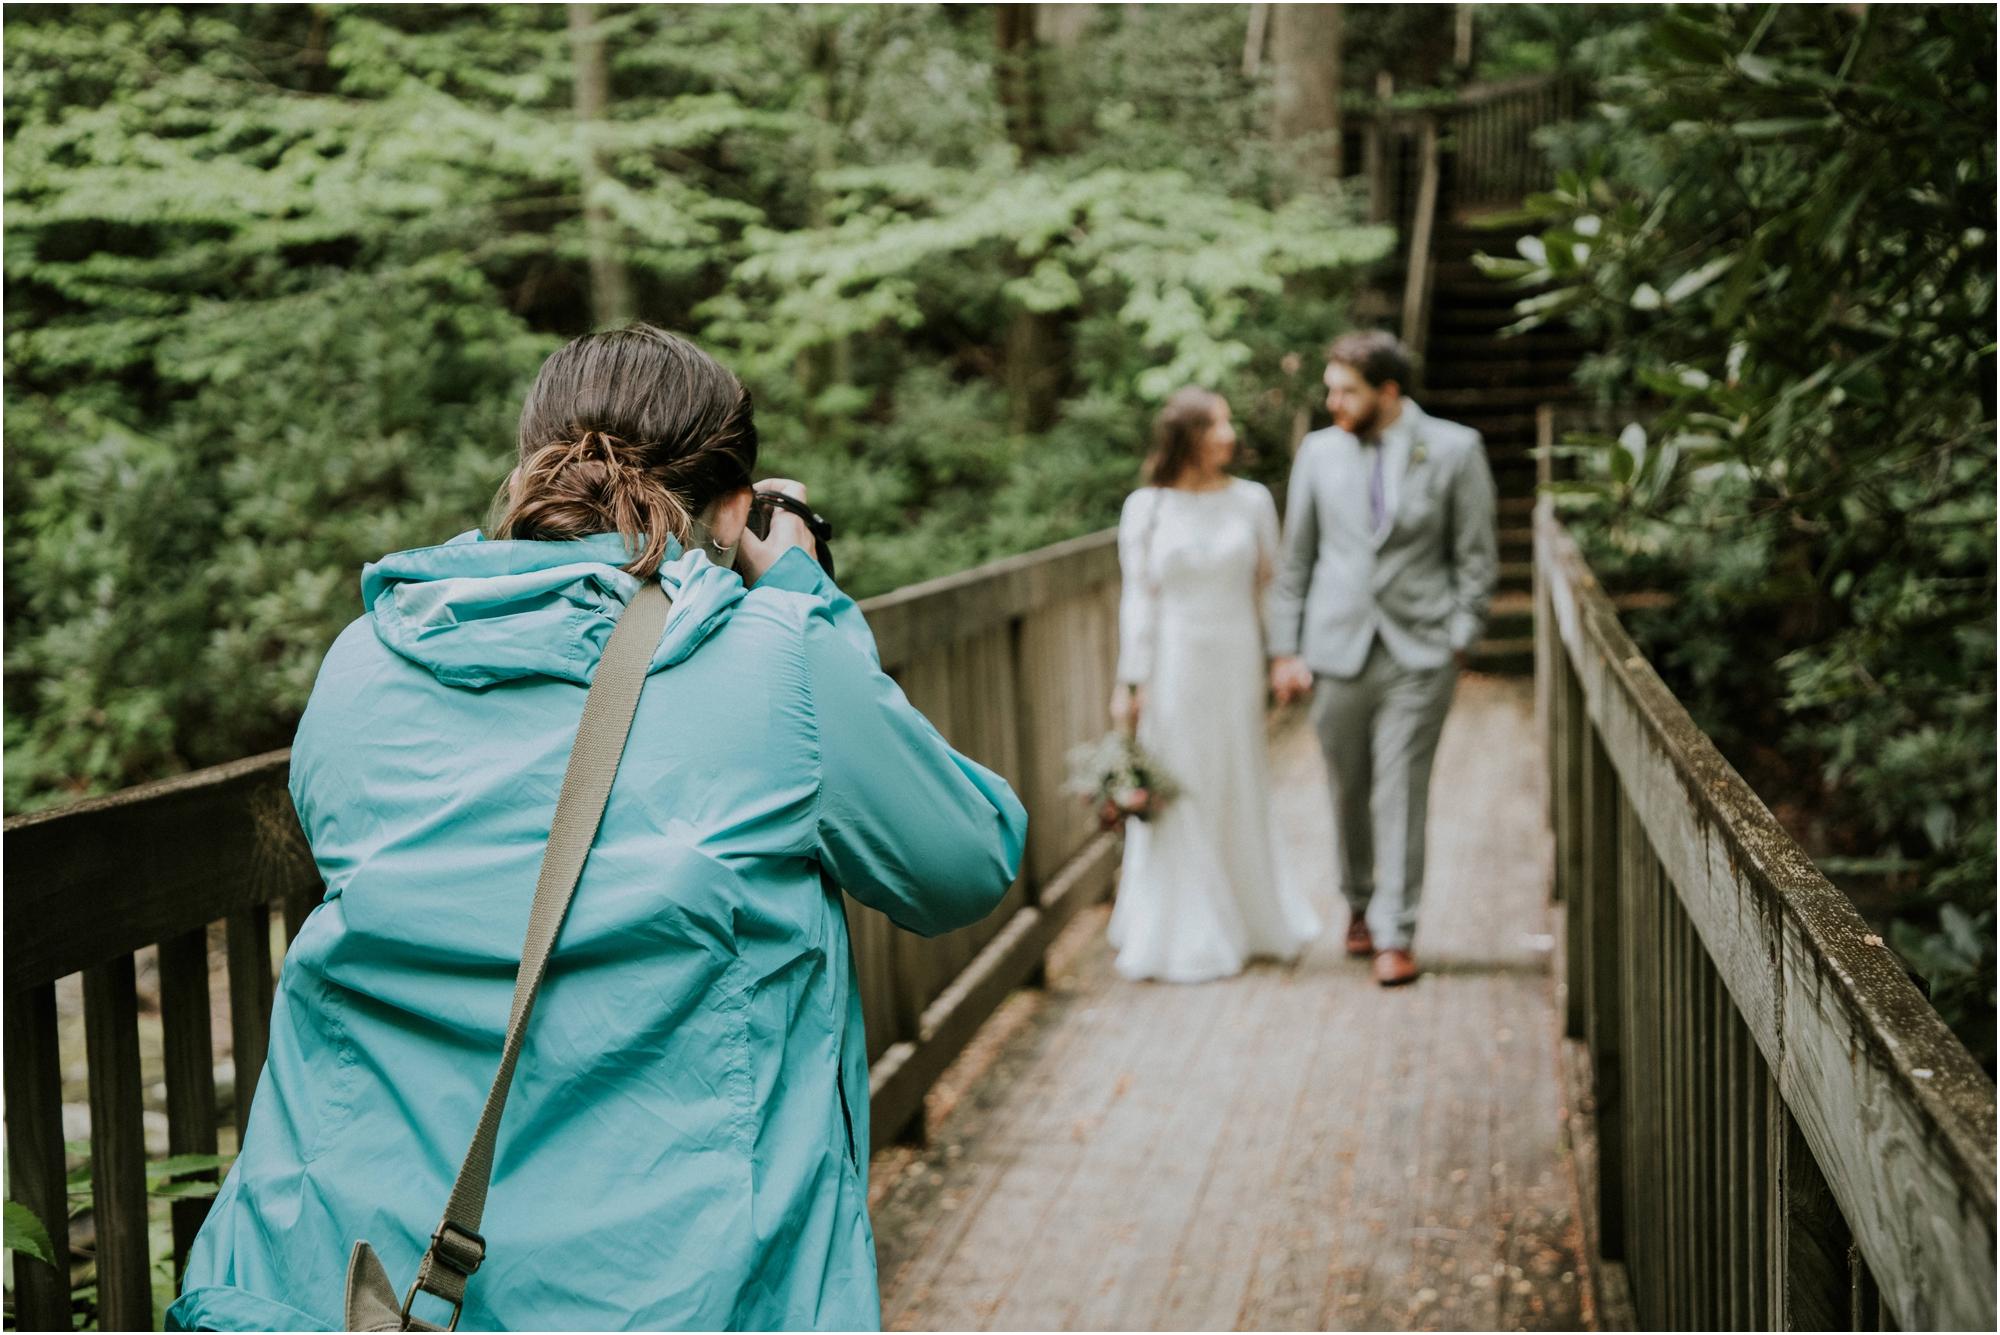 Yes, I love my turquoise rain coat. PHOTO:  Jeff Payne Photography